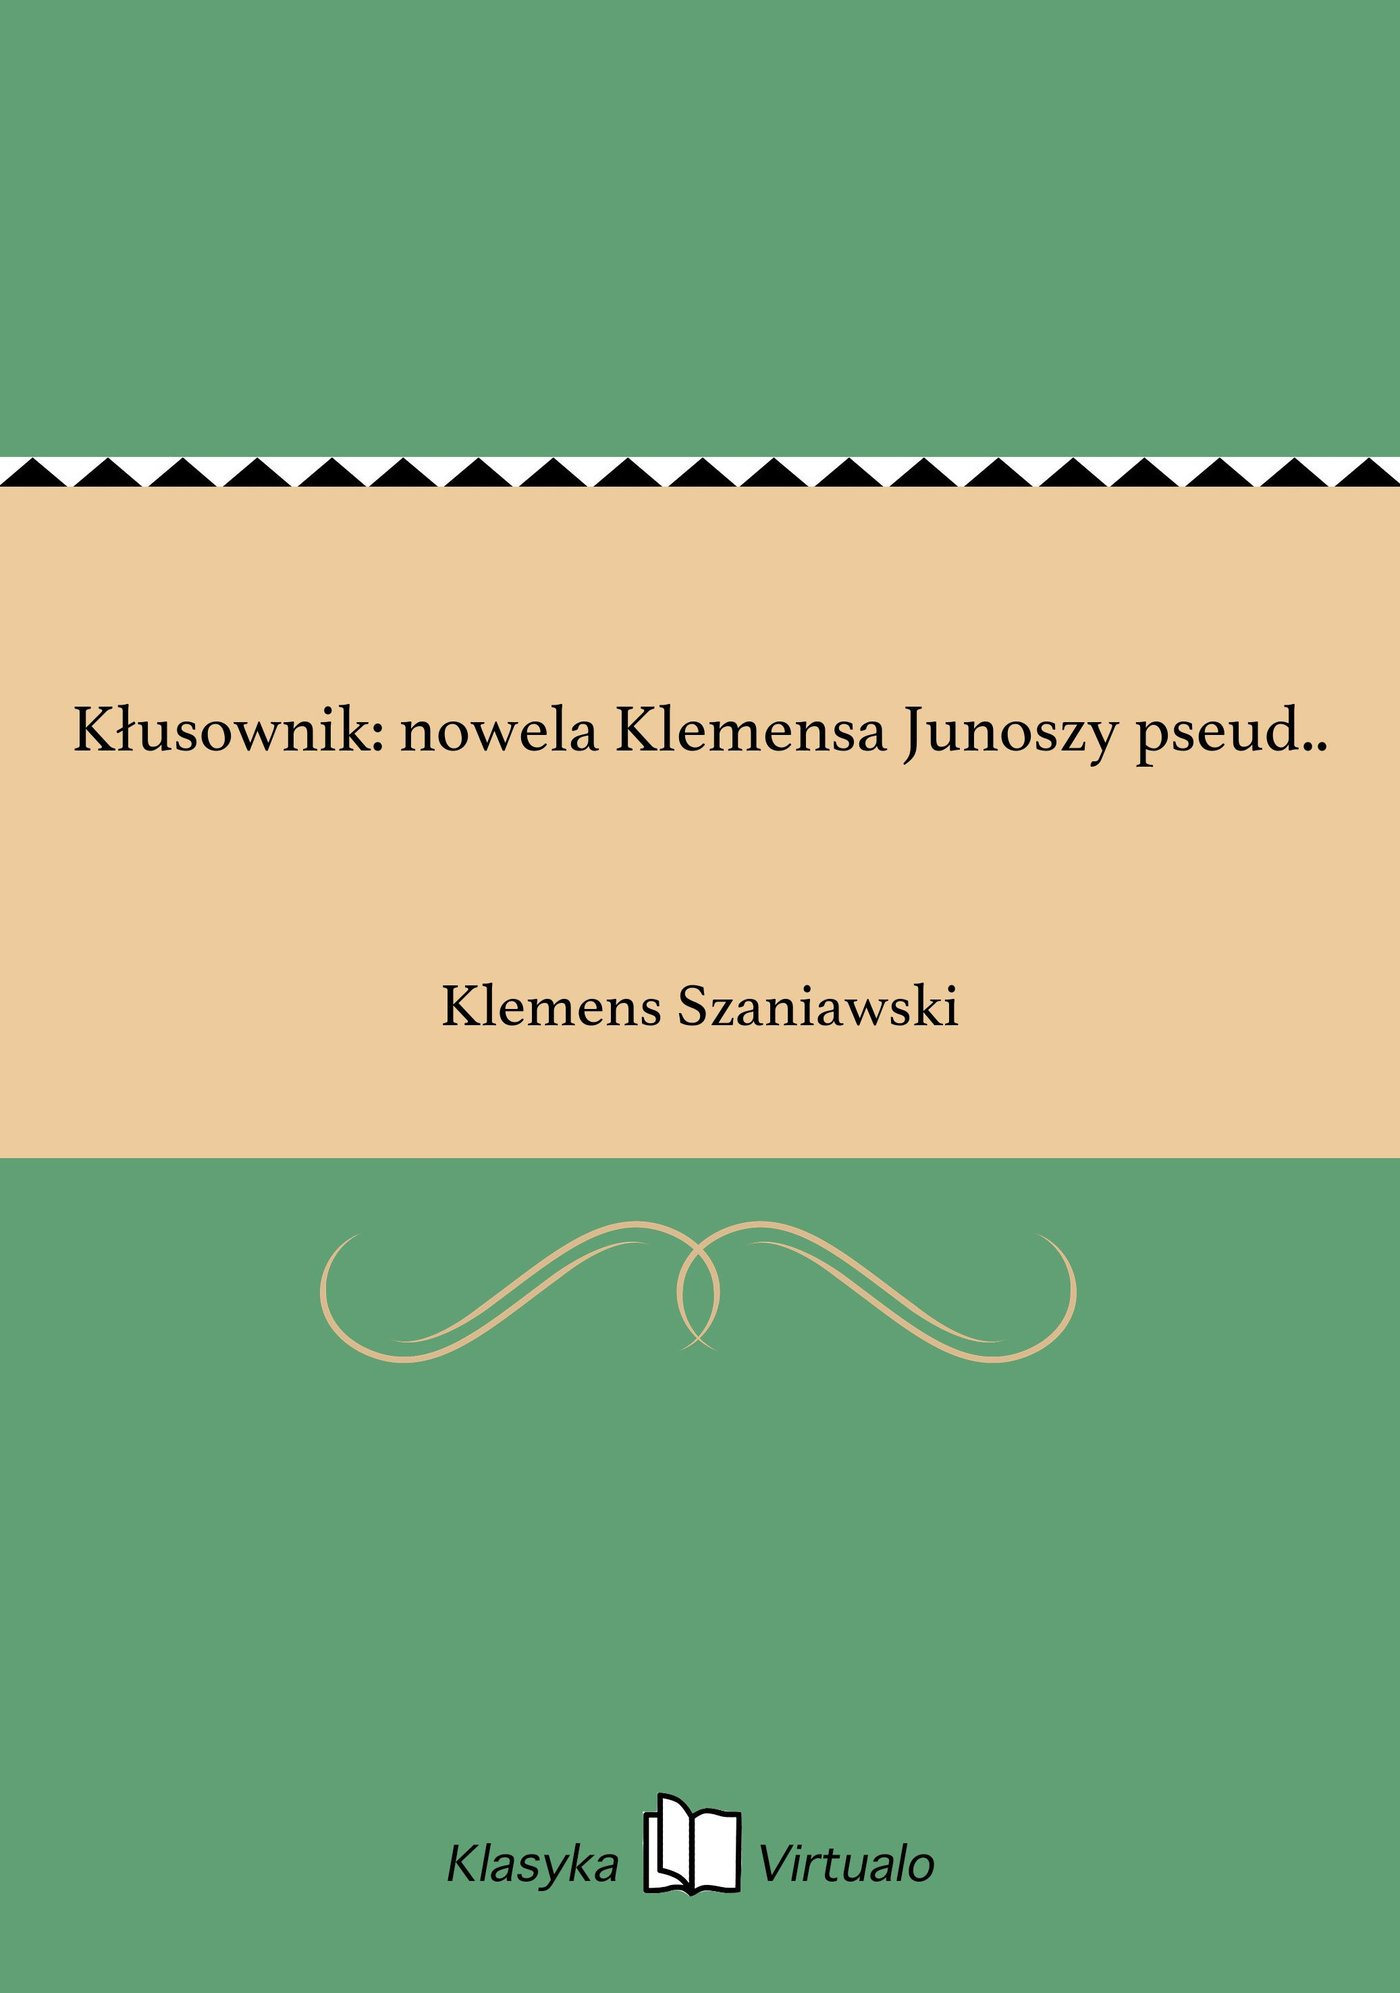 Kłusownik: nowela Klemensa Junoszy pseud.. - Ebook (Książka EPUB) do pobrania w formacie EPUB